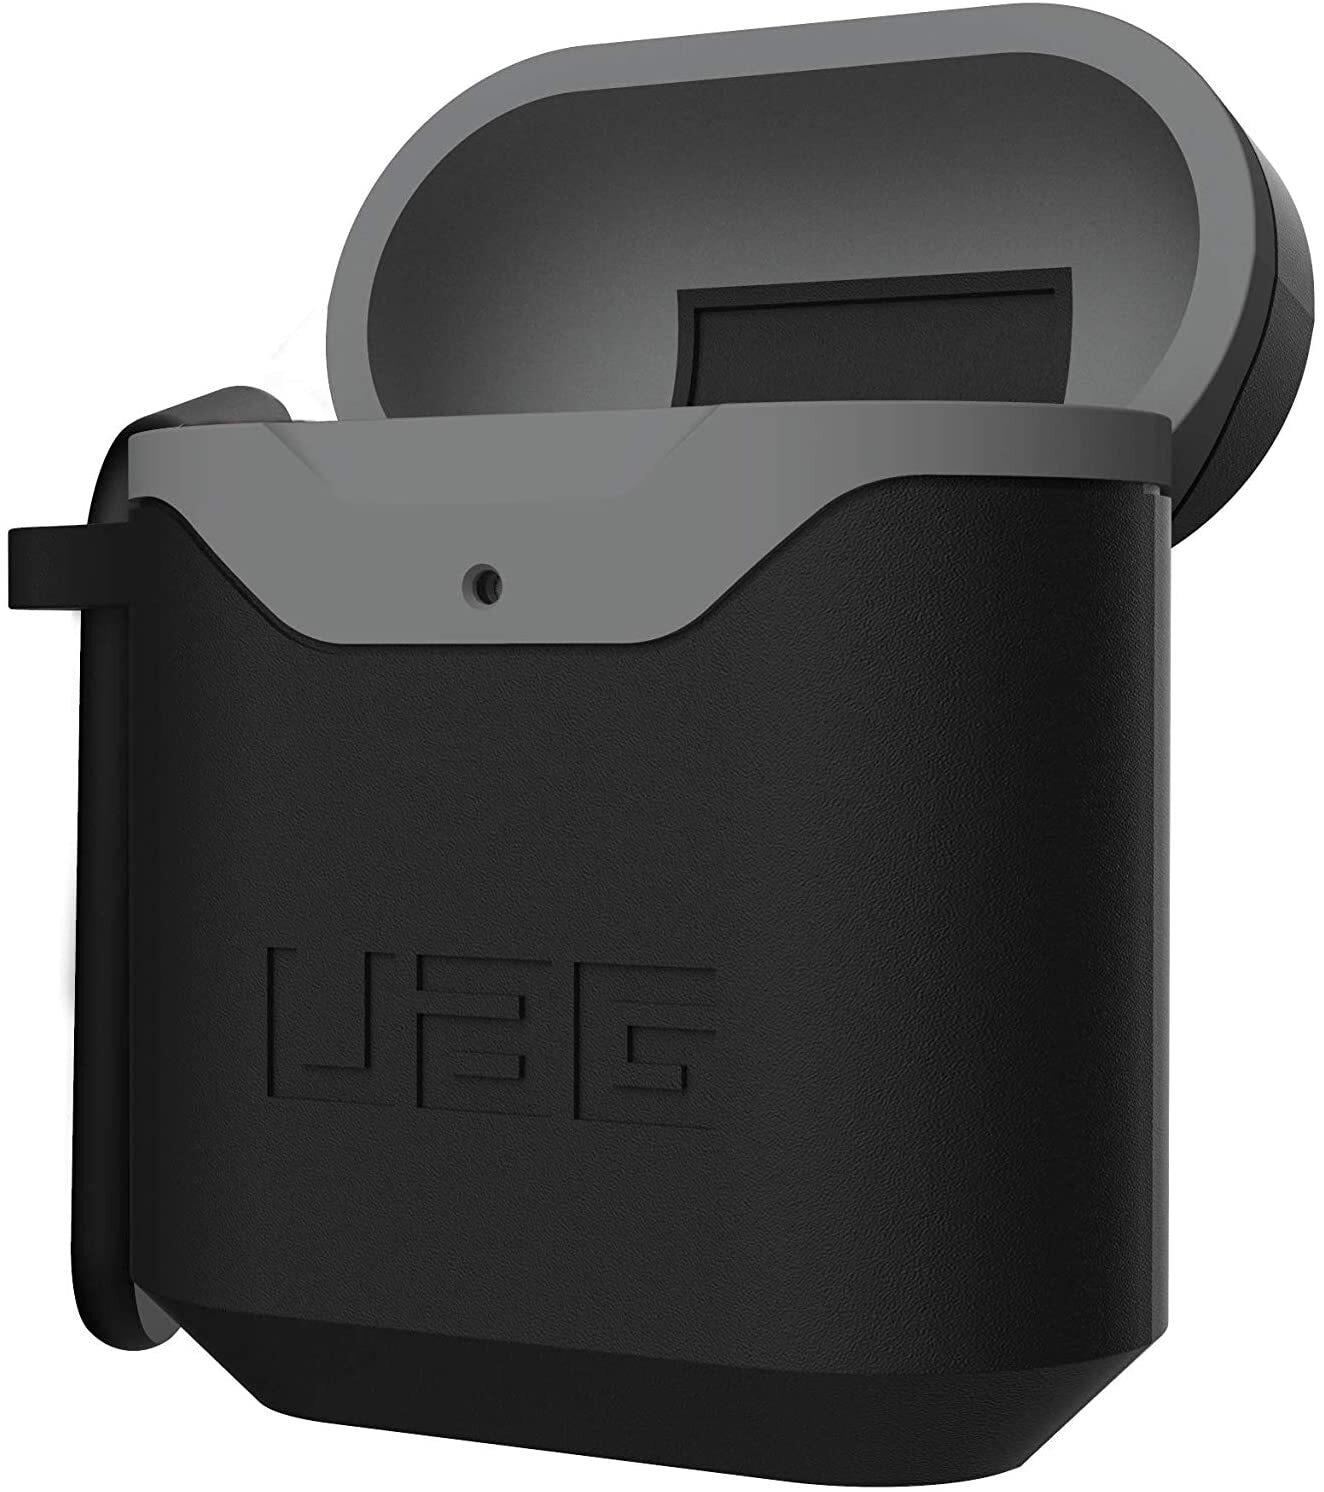 Чехол UAG для Airpods Standard Issue Hard Black/Grey (10242F114030) фото 6